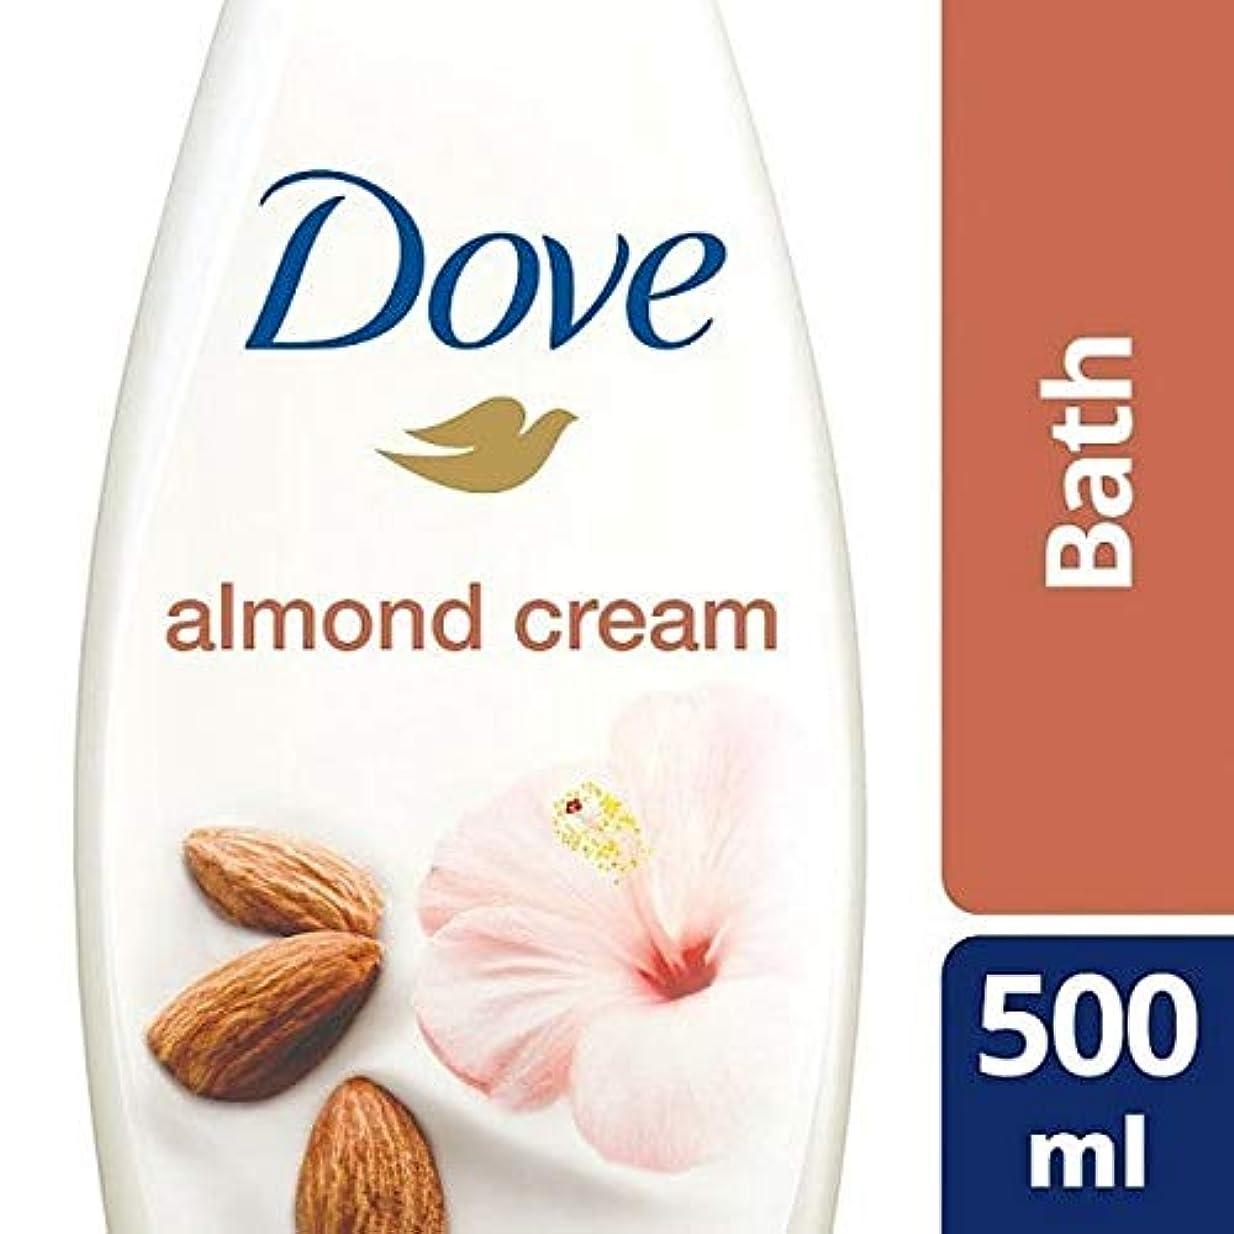 オリエンテーション教養がある広告する[Dove ] 純粋なアーモンド思いやりのあるクリームバスの500ミリリットルを甘やかす鳩 - Dove Purely Pampering Almond Caring Cream Bath 500ml [並行輸入品]